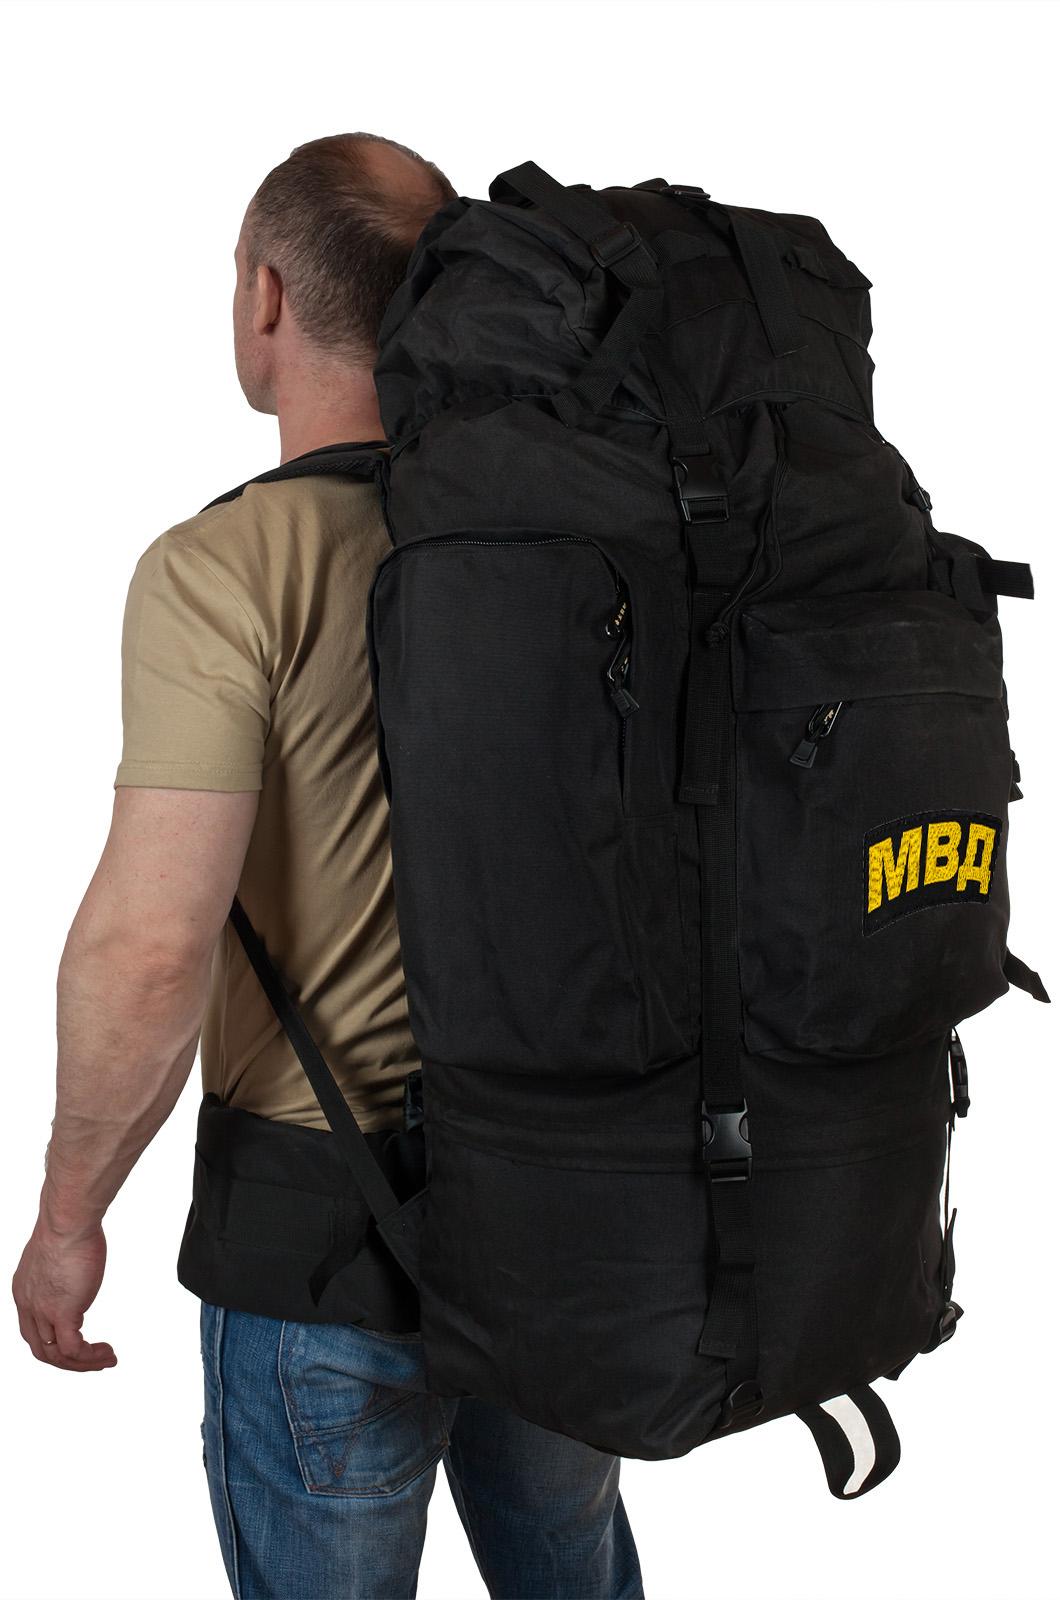 Многодневный черный рюкзак МВД Max Fuchs - купить в подарок